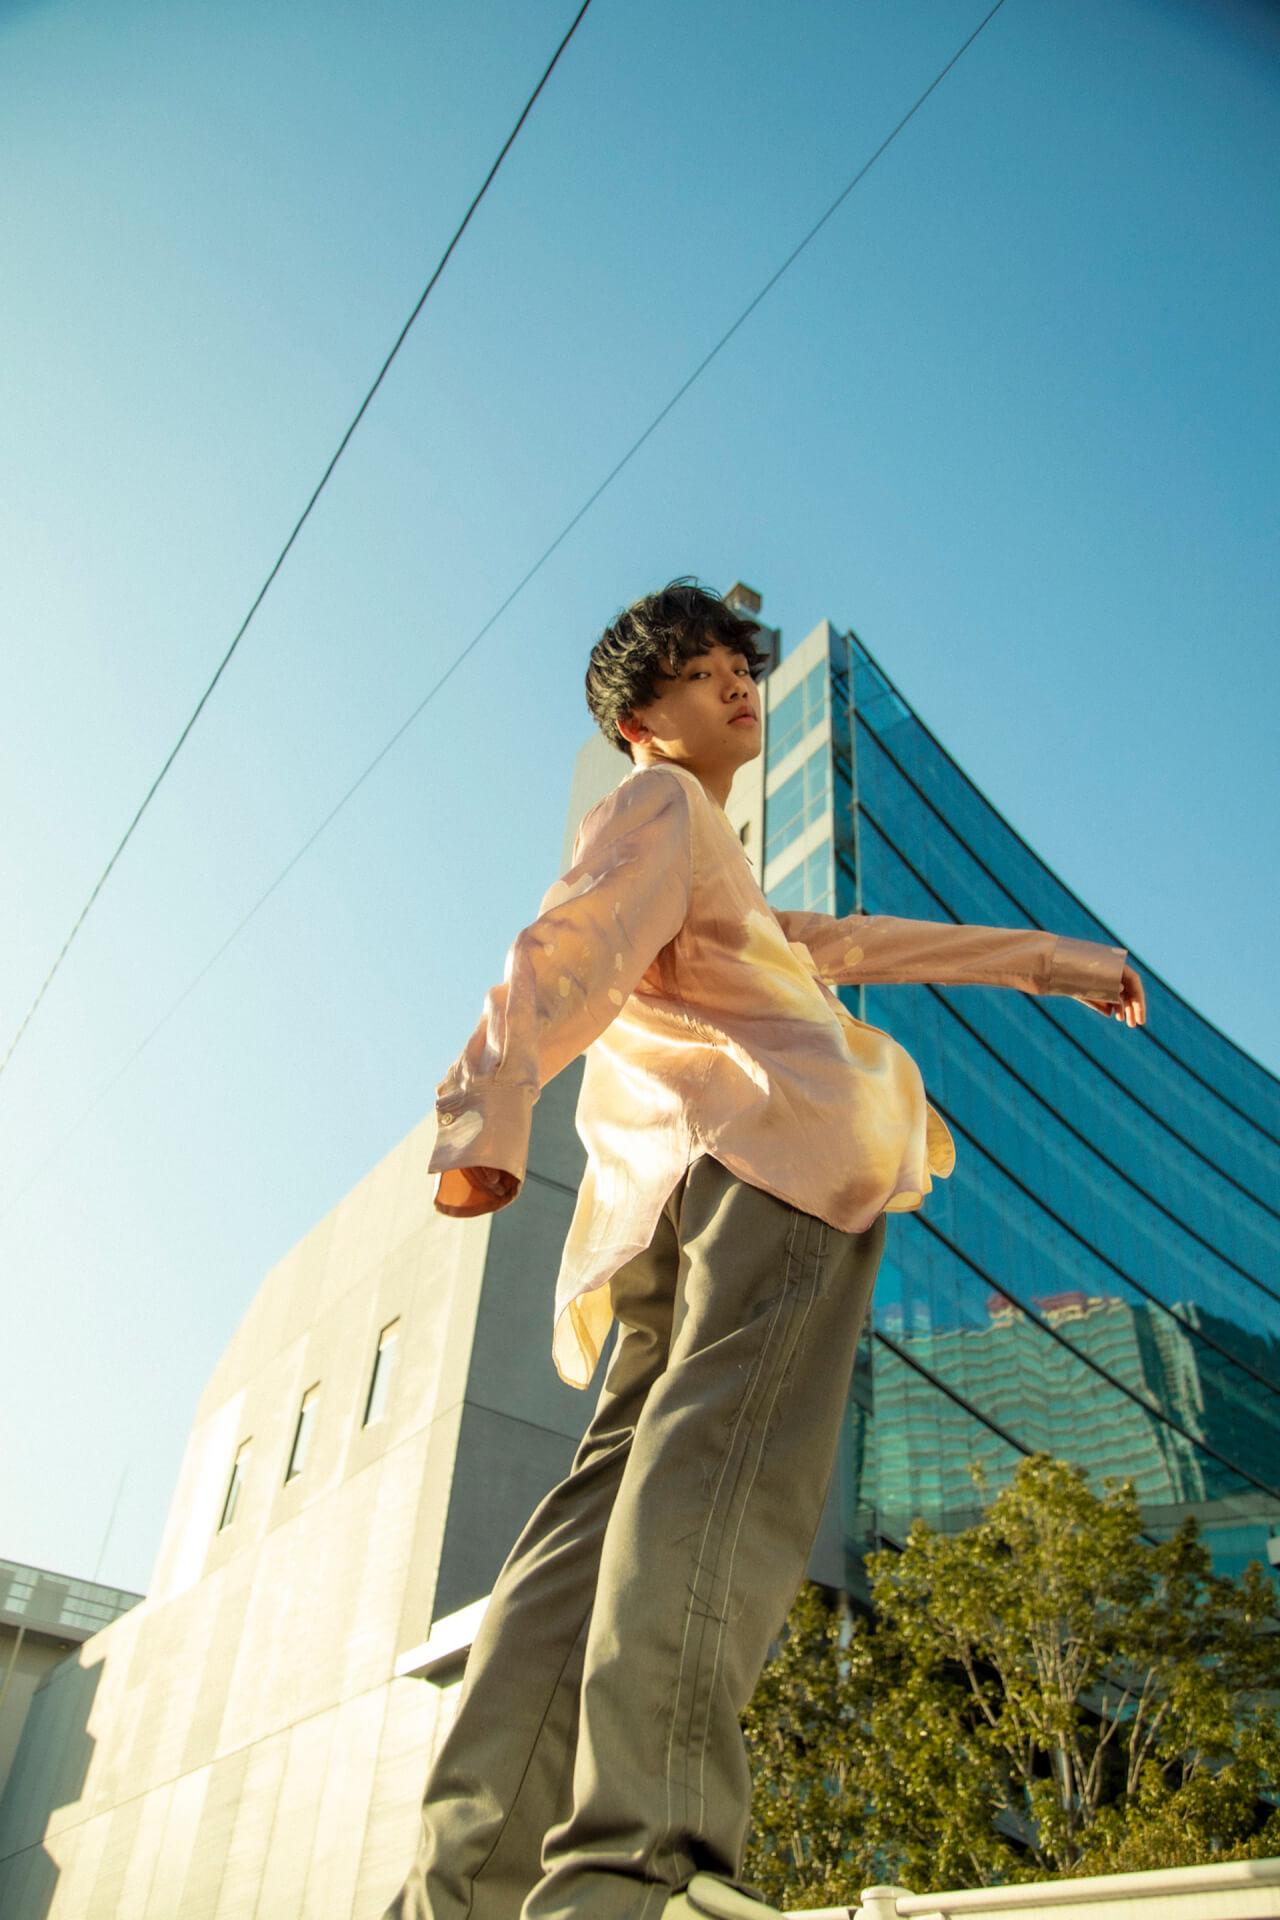 「思ってもないことを書くのは本末転倒」クボタカイ1stアルバム『来光』に表れるラッパーとしてのスタイル interview210407_kubotakai-05